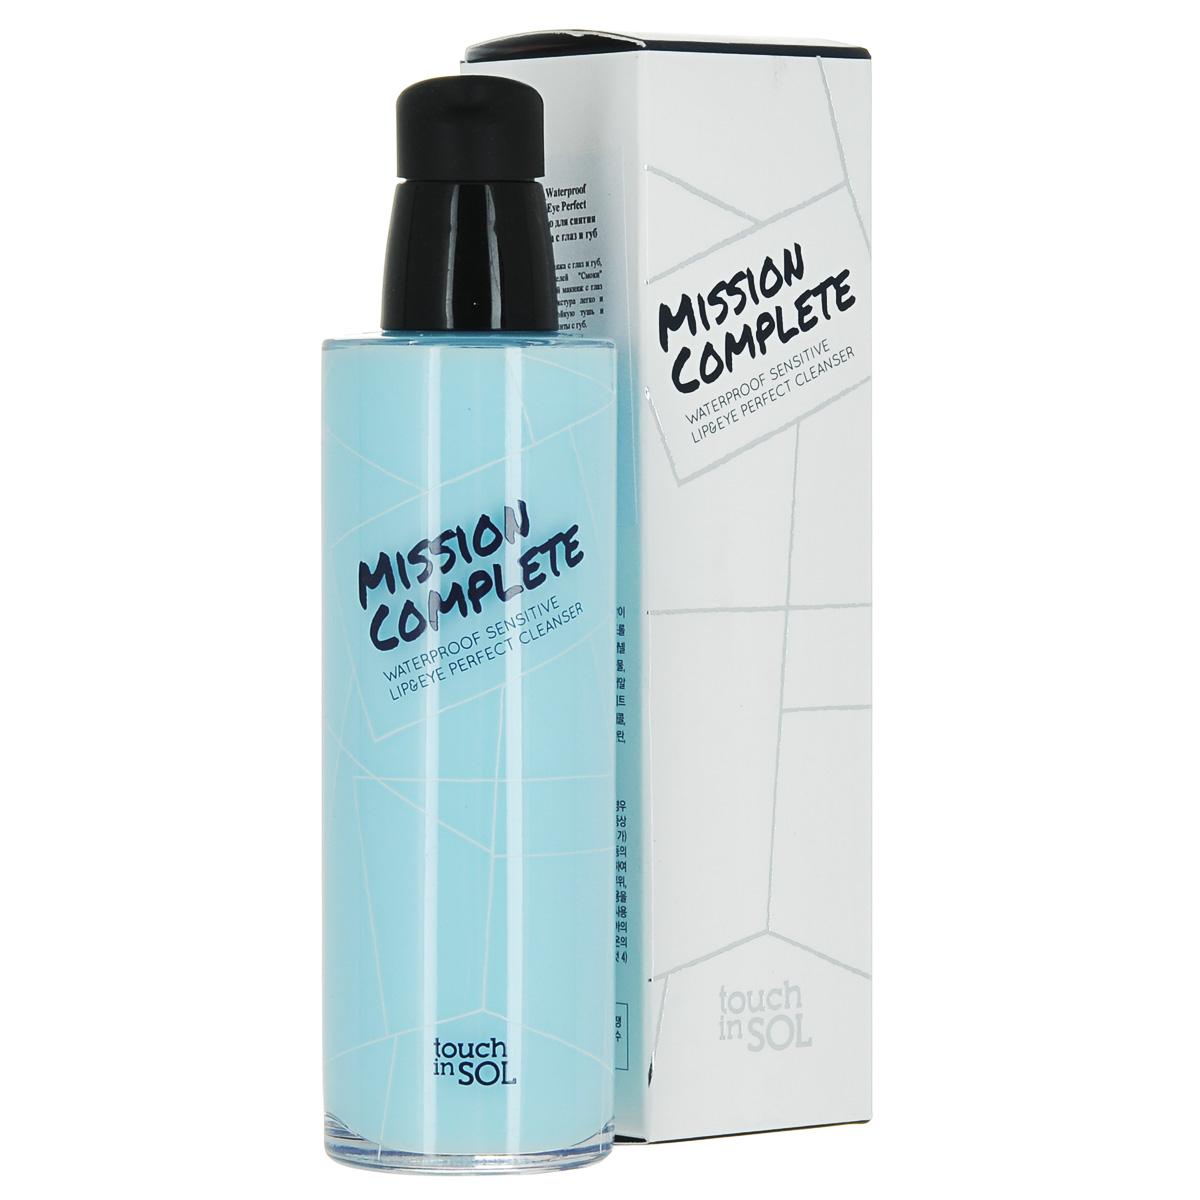 Touch in SOL Средство для снятия стойкого макияжа с глаз и губ Waterproof Sensitive Lip&Eye Perfect Cleanser, 100 млУТ000001038Средство для снятия макияжа с глаз и губ, особенно для любителей Смоки макияжа . Удалит тяжелый макияж с глаз в два счета. Гелевая текстура легко и быстро смывает водостойкую тушь и супер стойкие помады и тинты с губ.